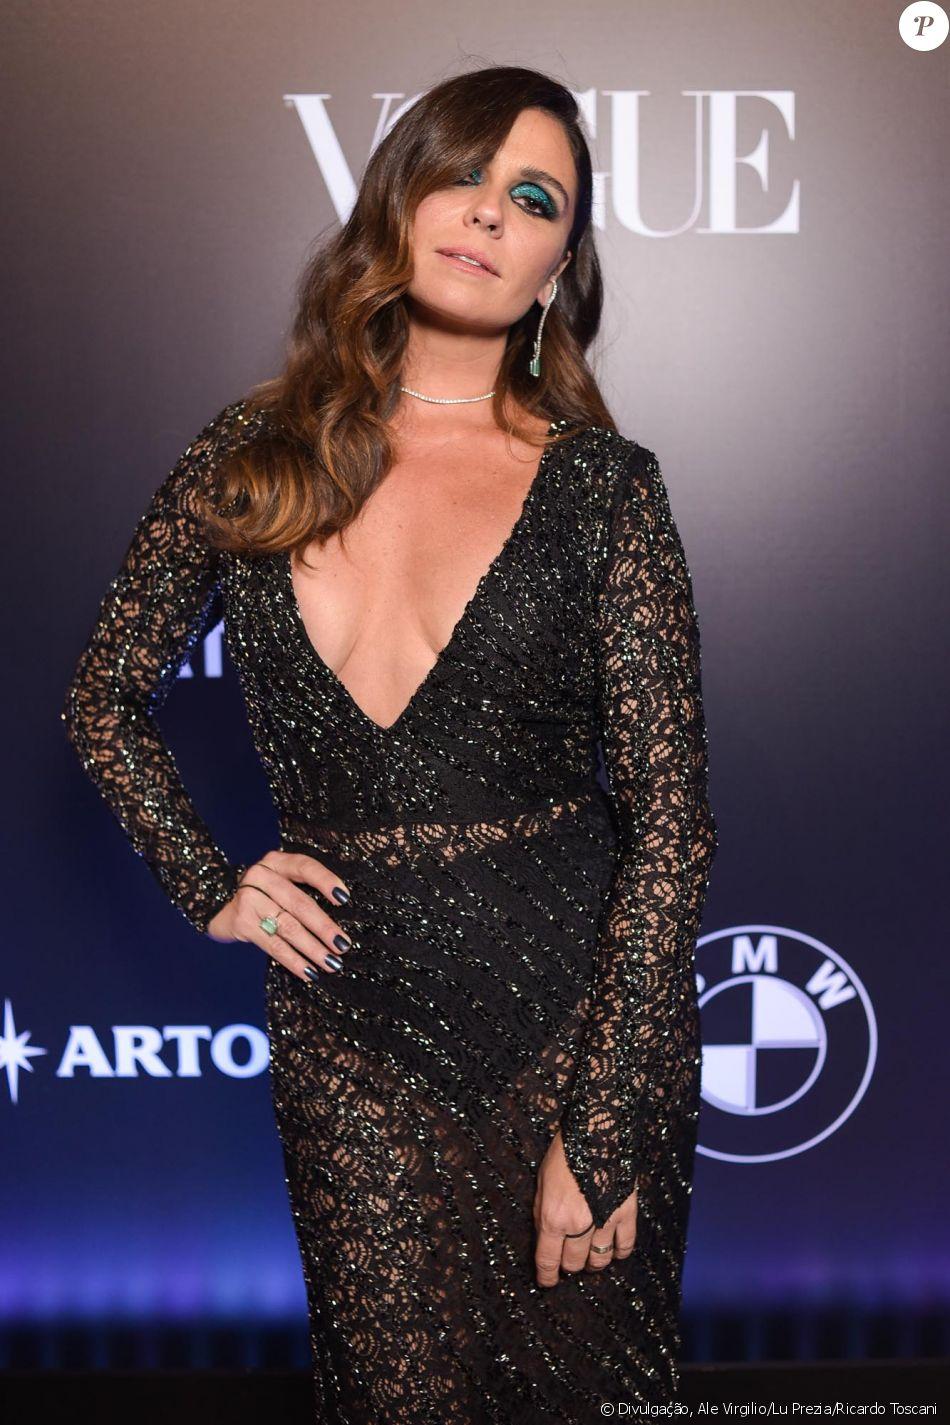 Giovanna Antonelli no Baile da Vogue, realizado no Hotel Unique, em São  Paulo, na noite desta quinta-feira, 1º de fevereiro de 2018 b9a3233e30